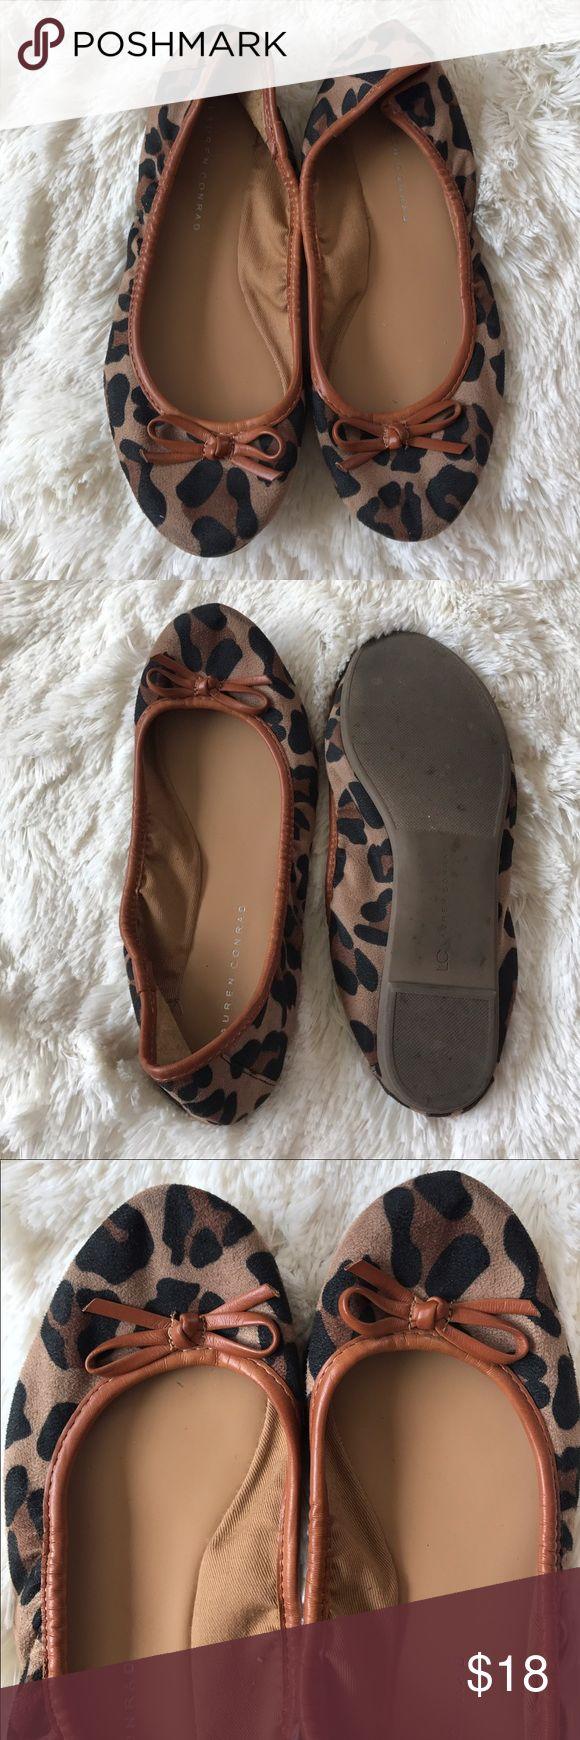 Lauren Conrad Leopard print flats 8.5 Lauren Conrad leopard print flats in good condition 8.5 LC Lauren Conrad Shoes Flats & Loafers